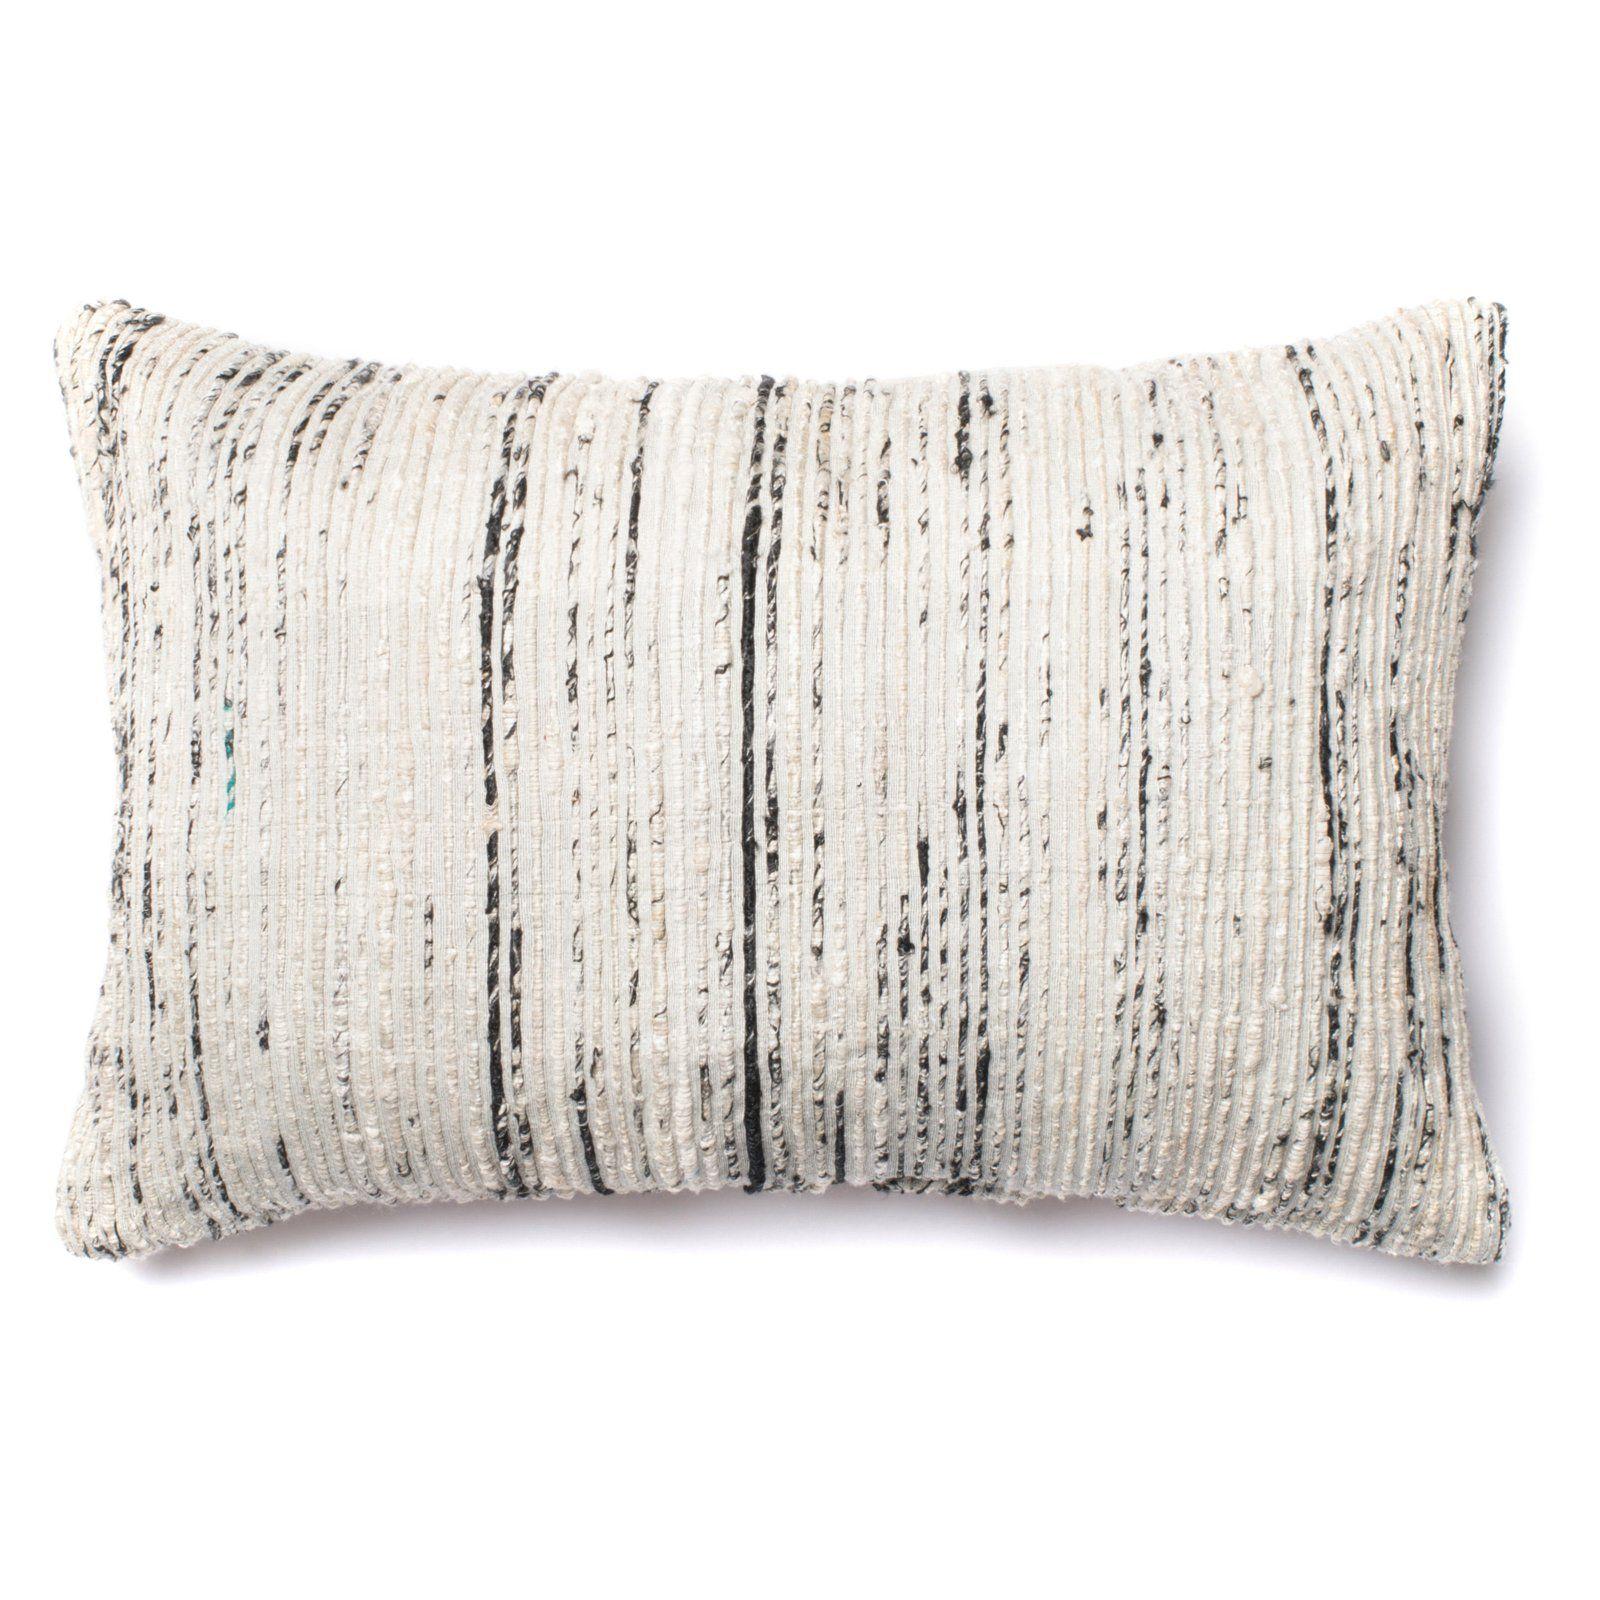 Rose Gold Glitter Rectangular Pillow 2890 Rsd Liked On